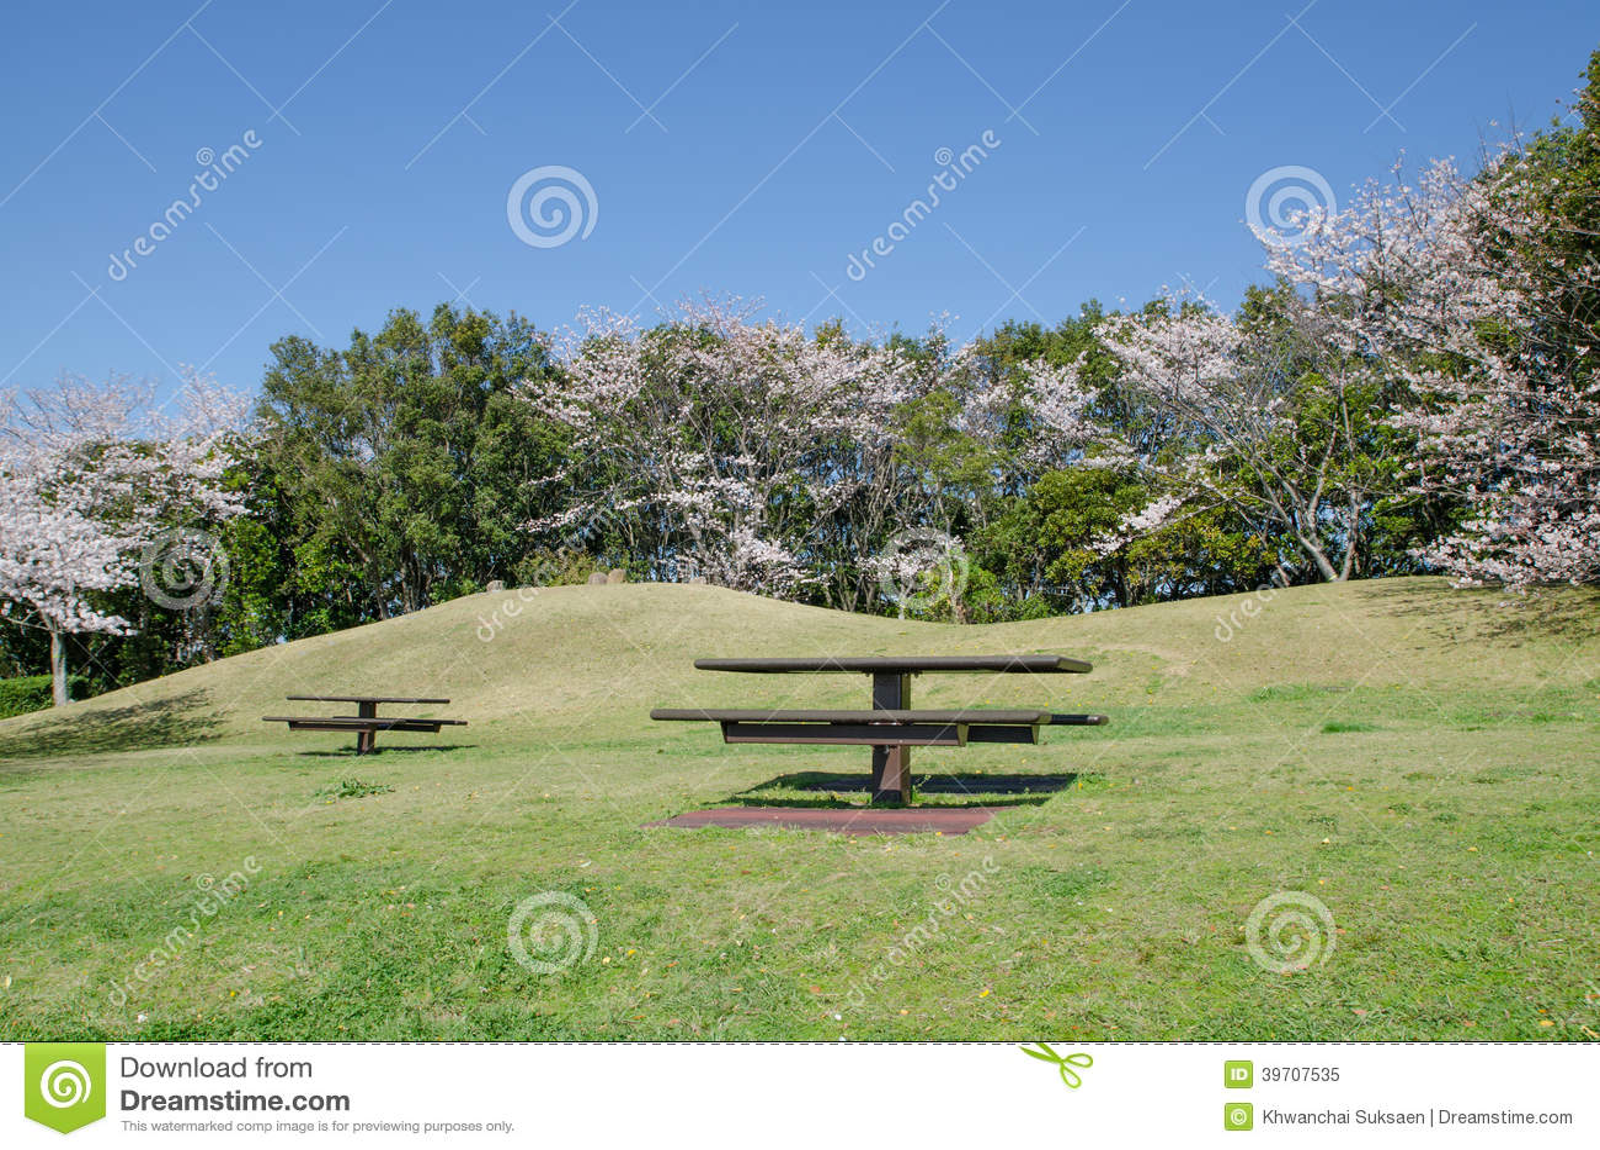 park spring blossom - photo #34